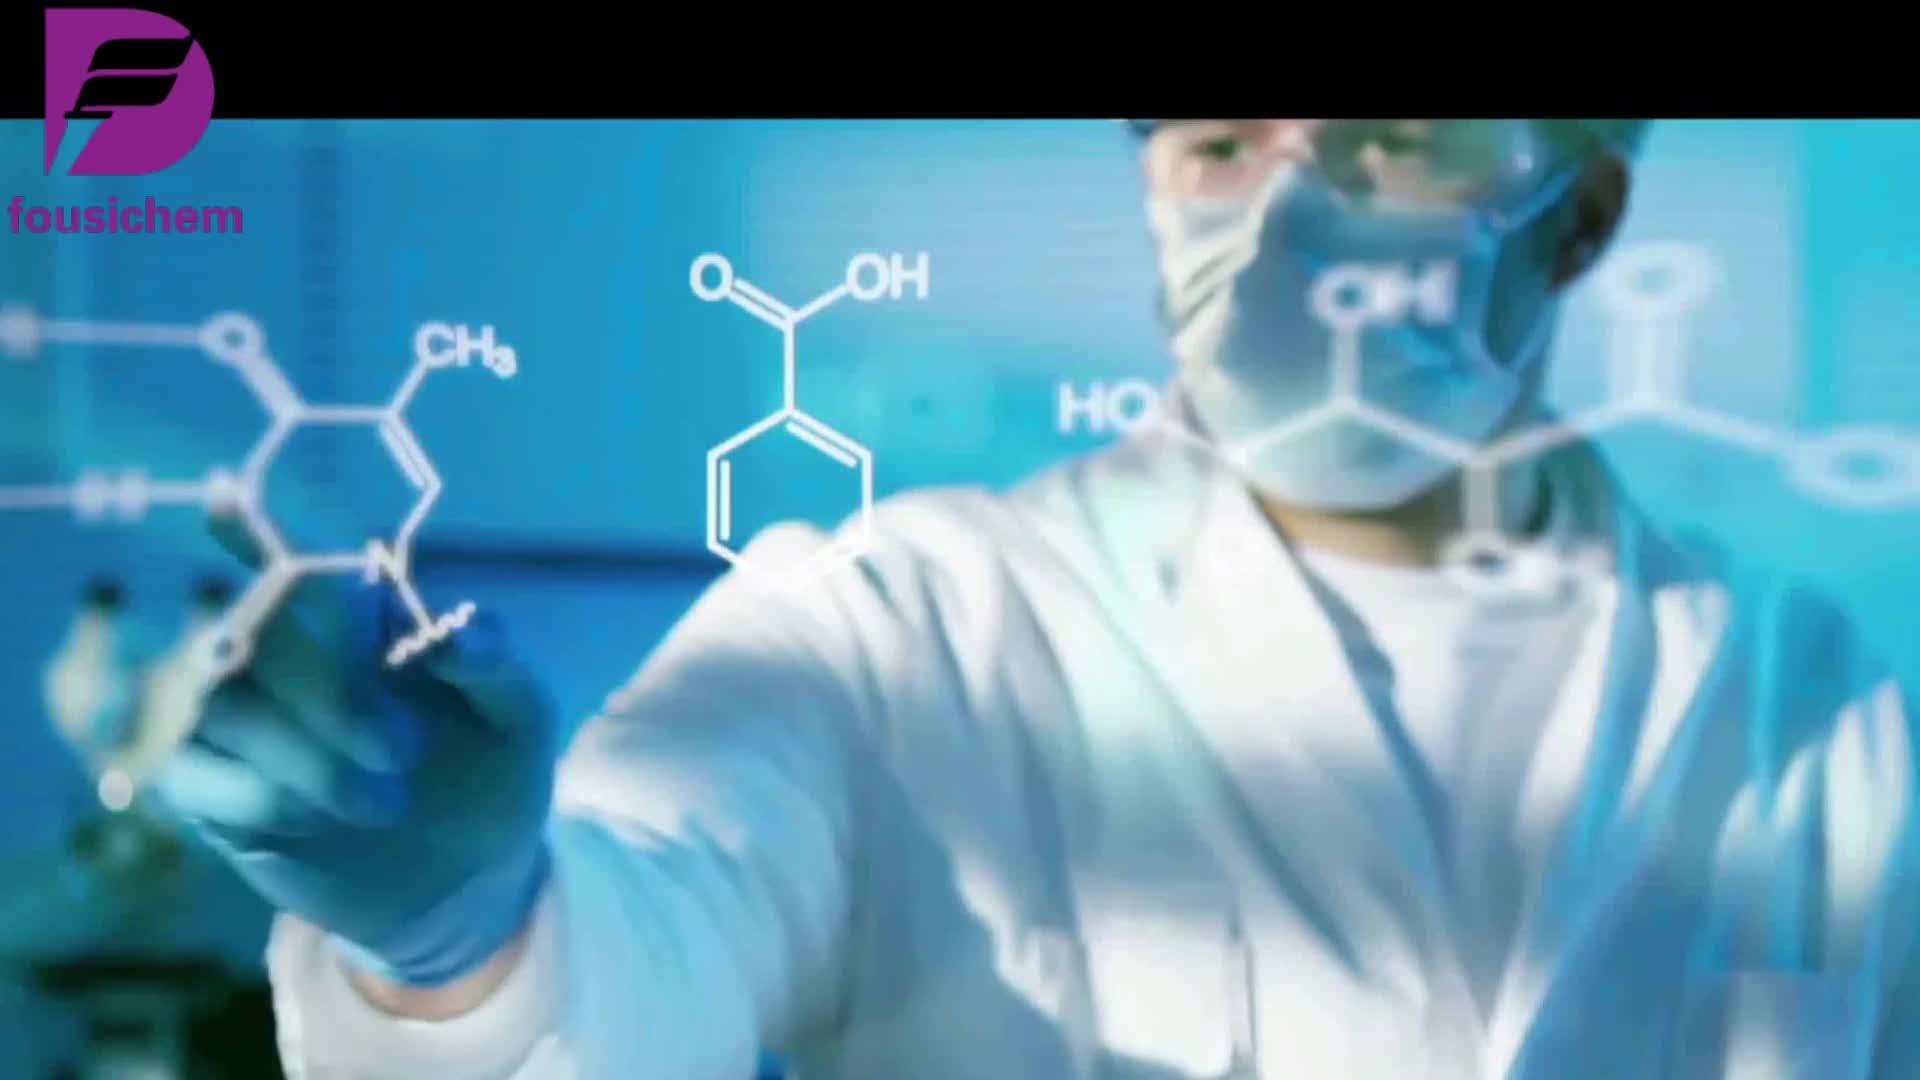 Bubuk Natrium Klorit 25%/31% Cair dan 80%